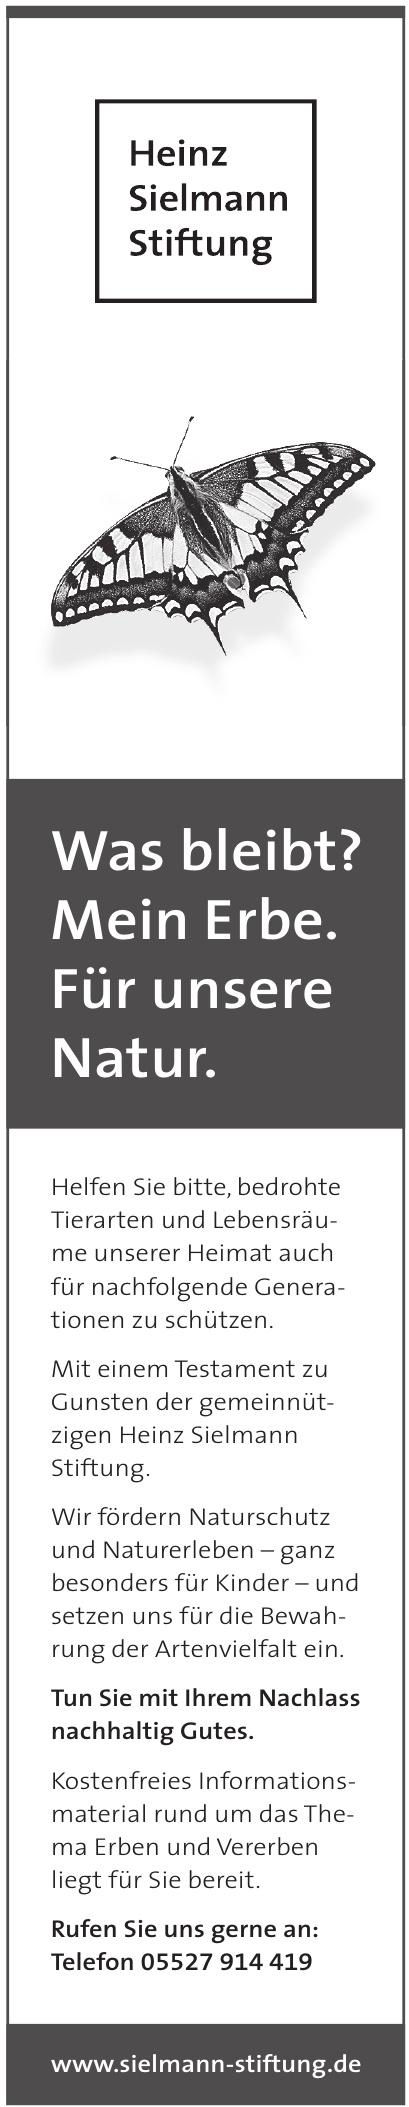 Heinz Sielmann Stiftung